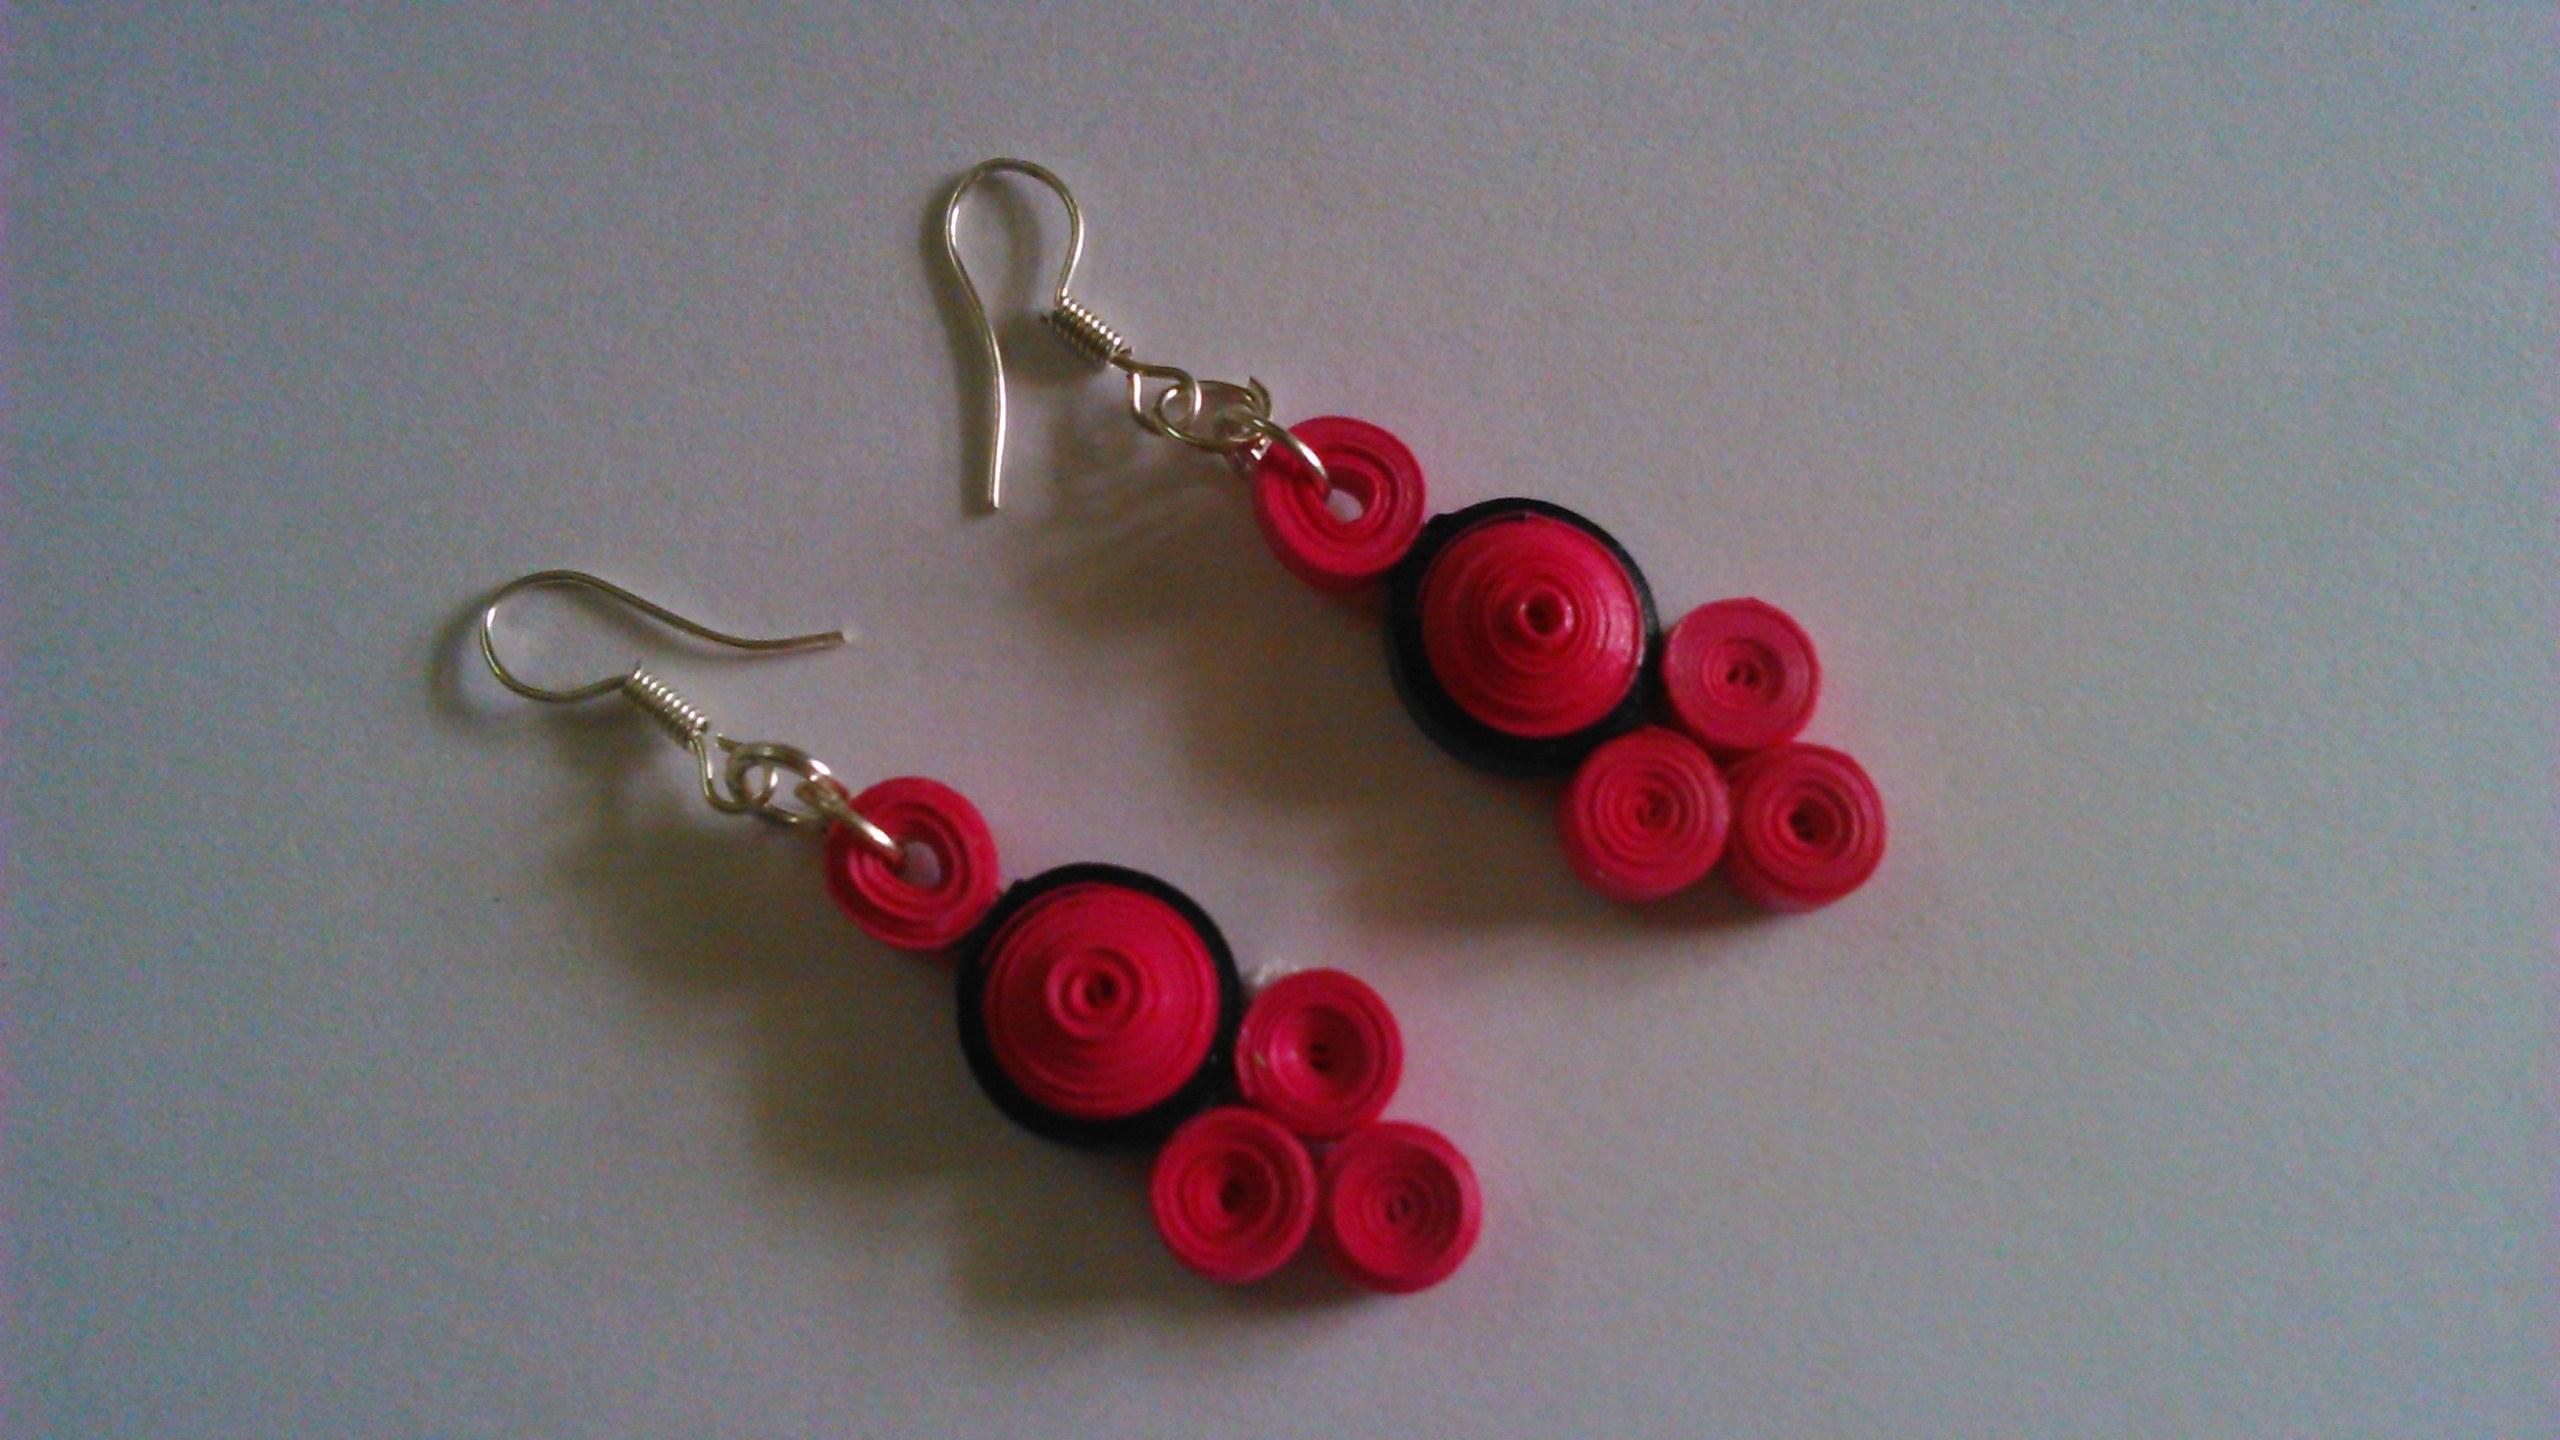 paper earrings handmade paper jewellery tutorial - photo #39